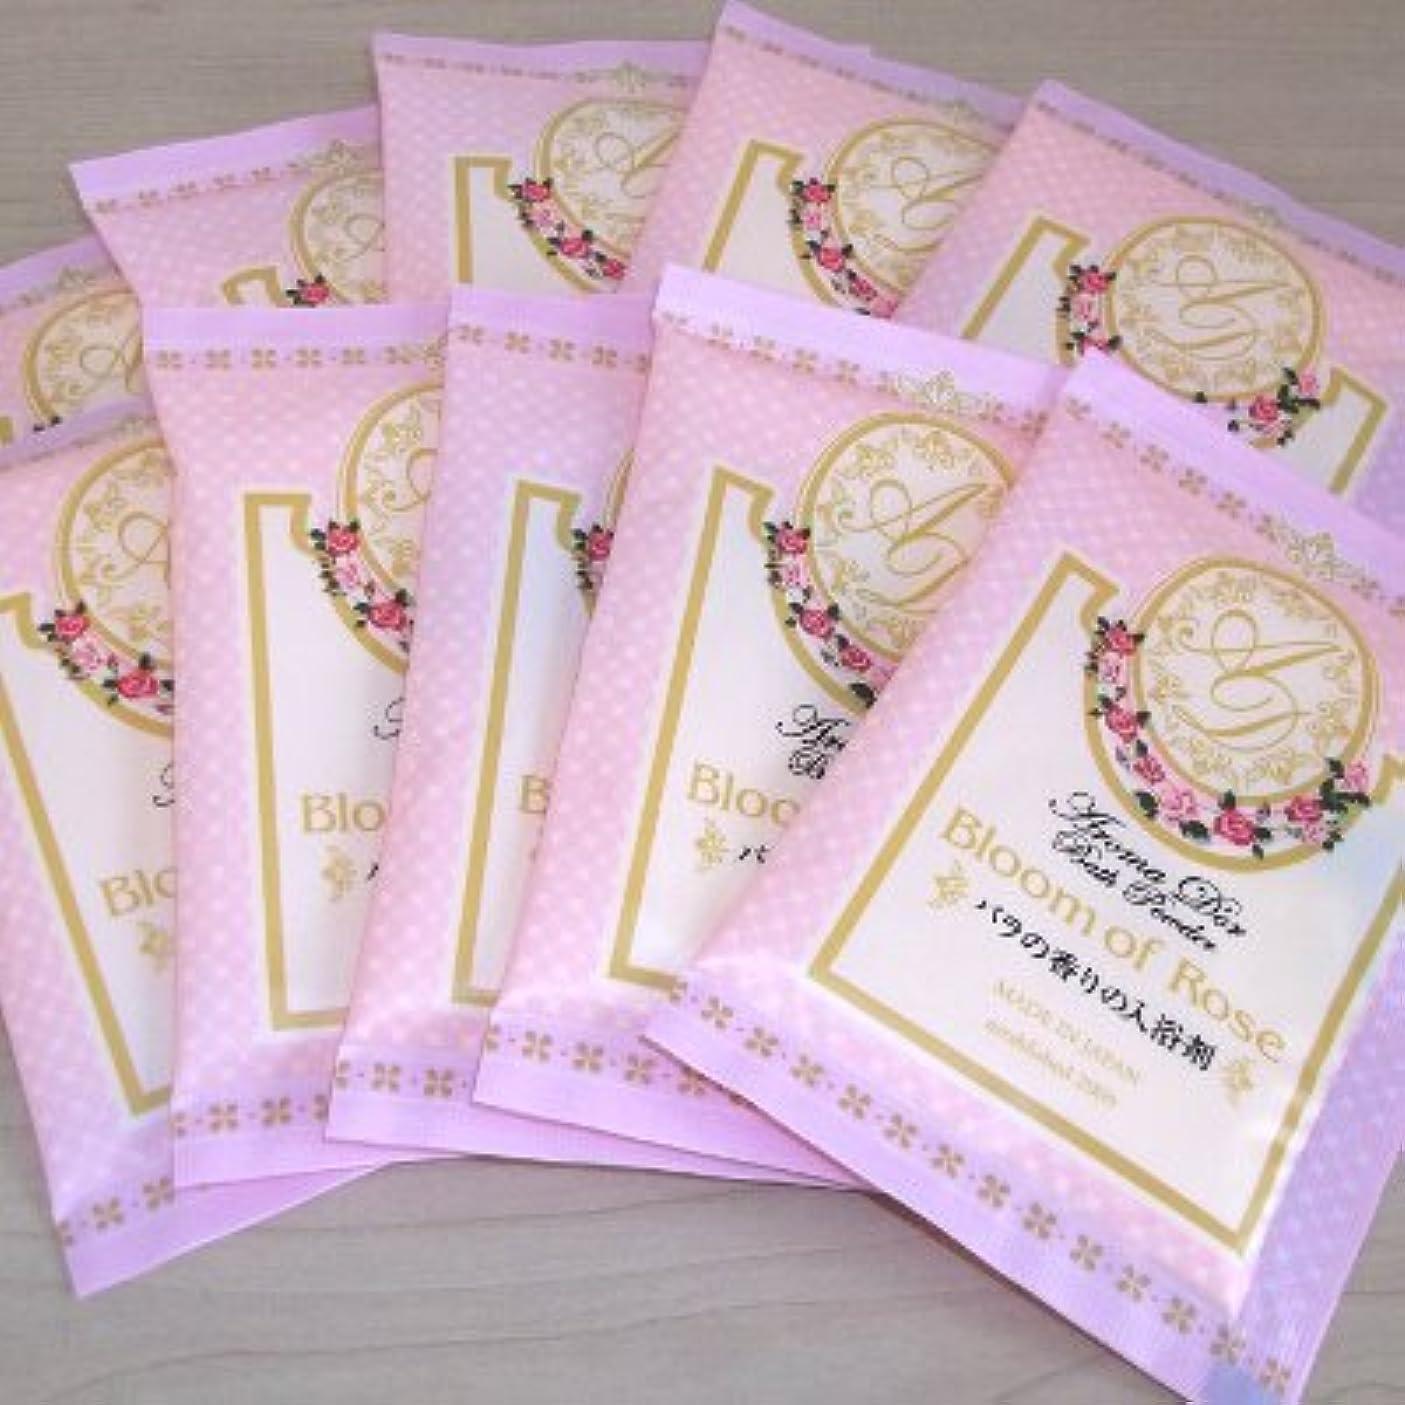 振るう小麦粉弓アロマドール バラの香り 10包セット